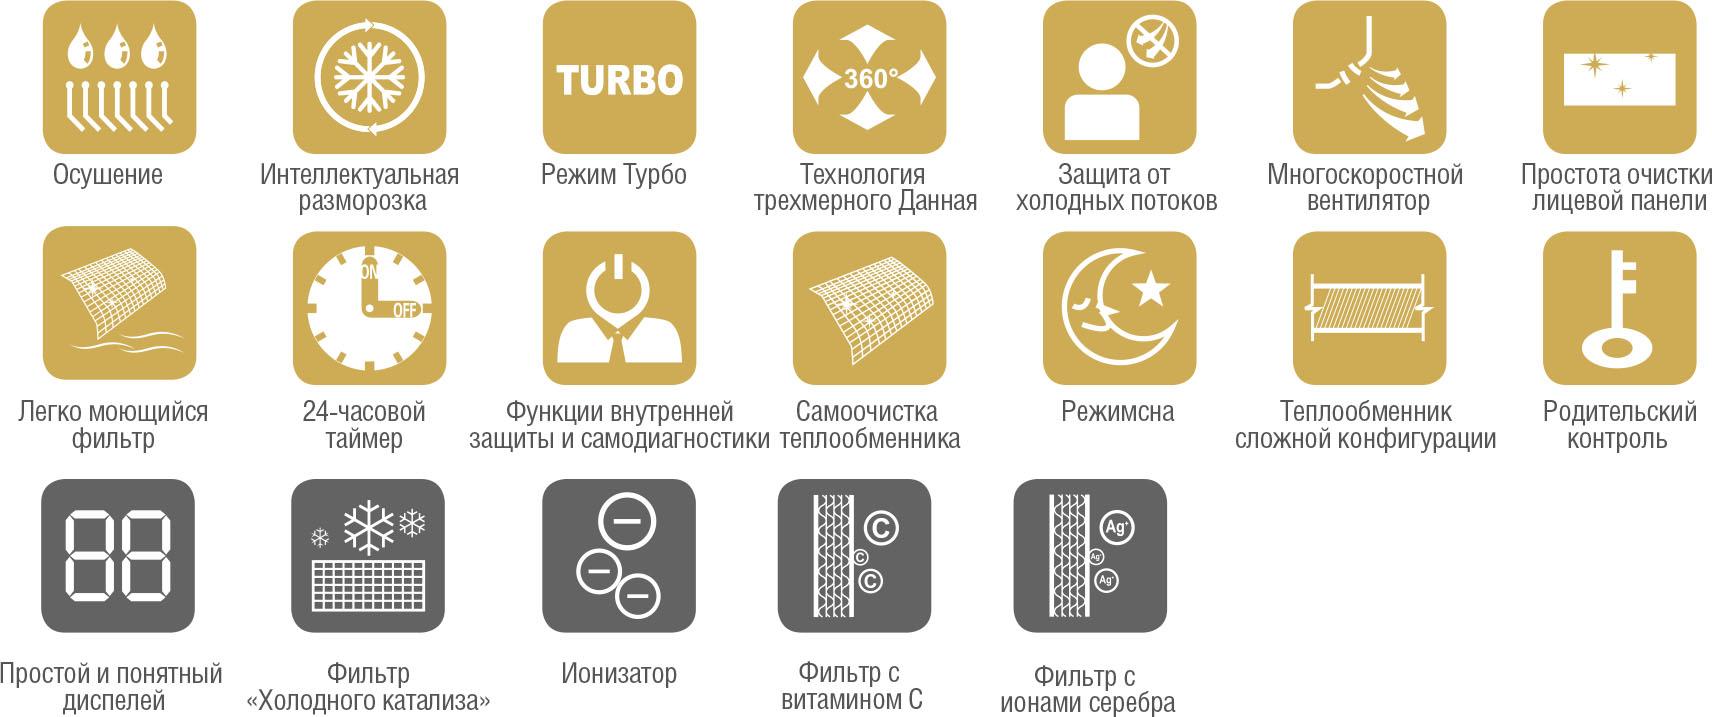 Функции и основные особенности кондиционера ChigoCS-35V3A-M156 серии Lotus 156 Inverter